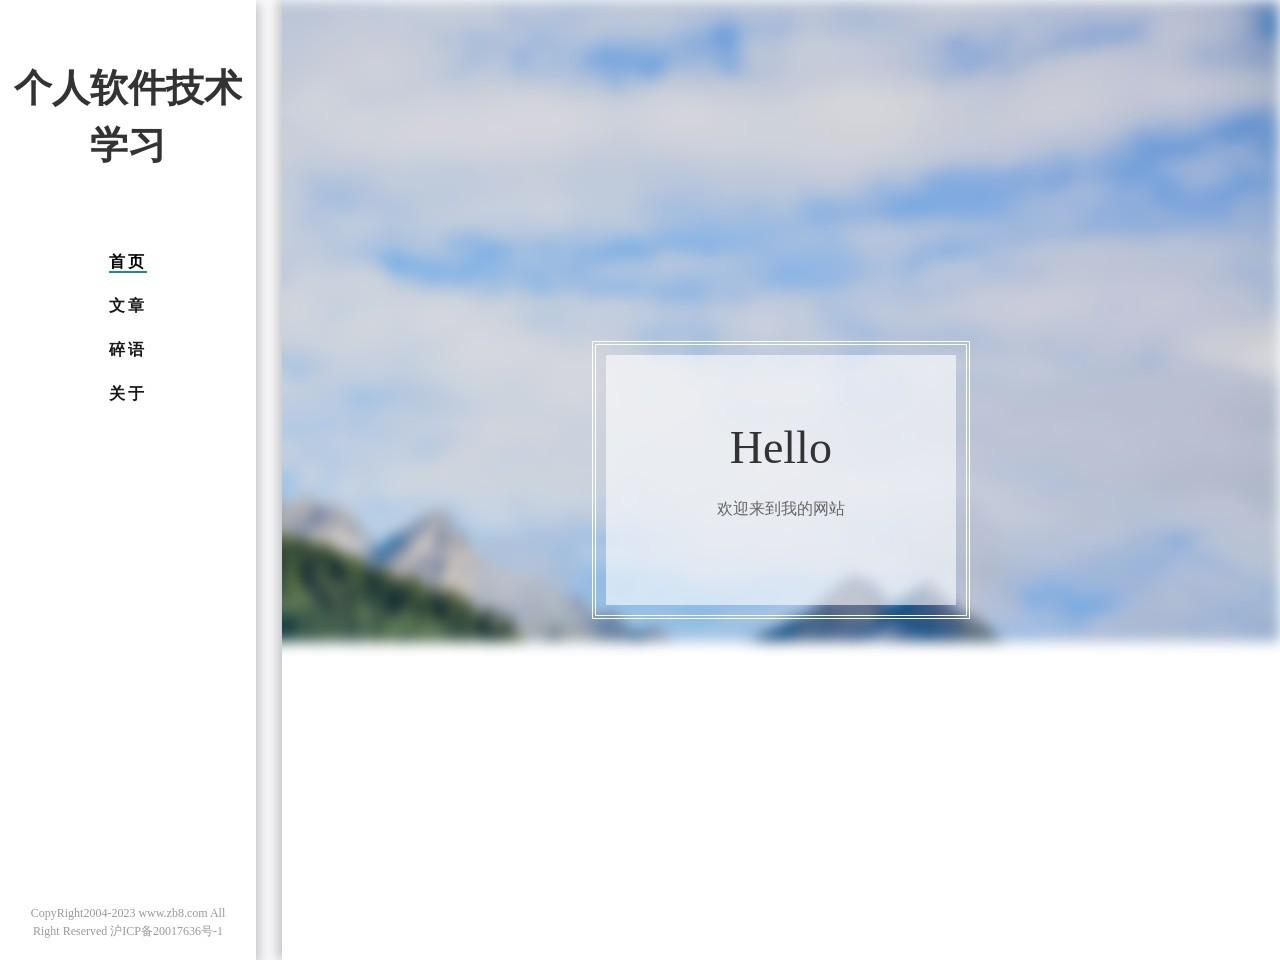 手机游戏-好玩的手机游戏免费下载-直播手游